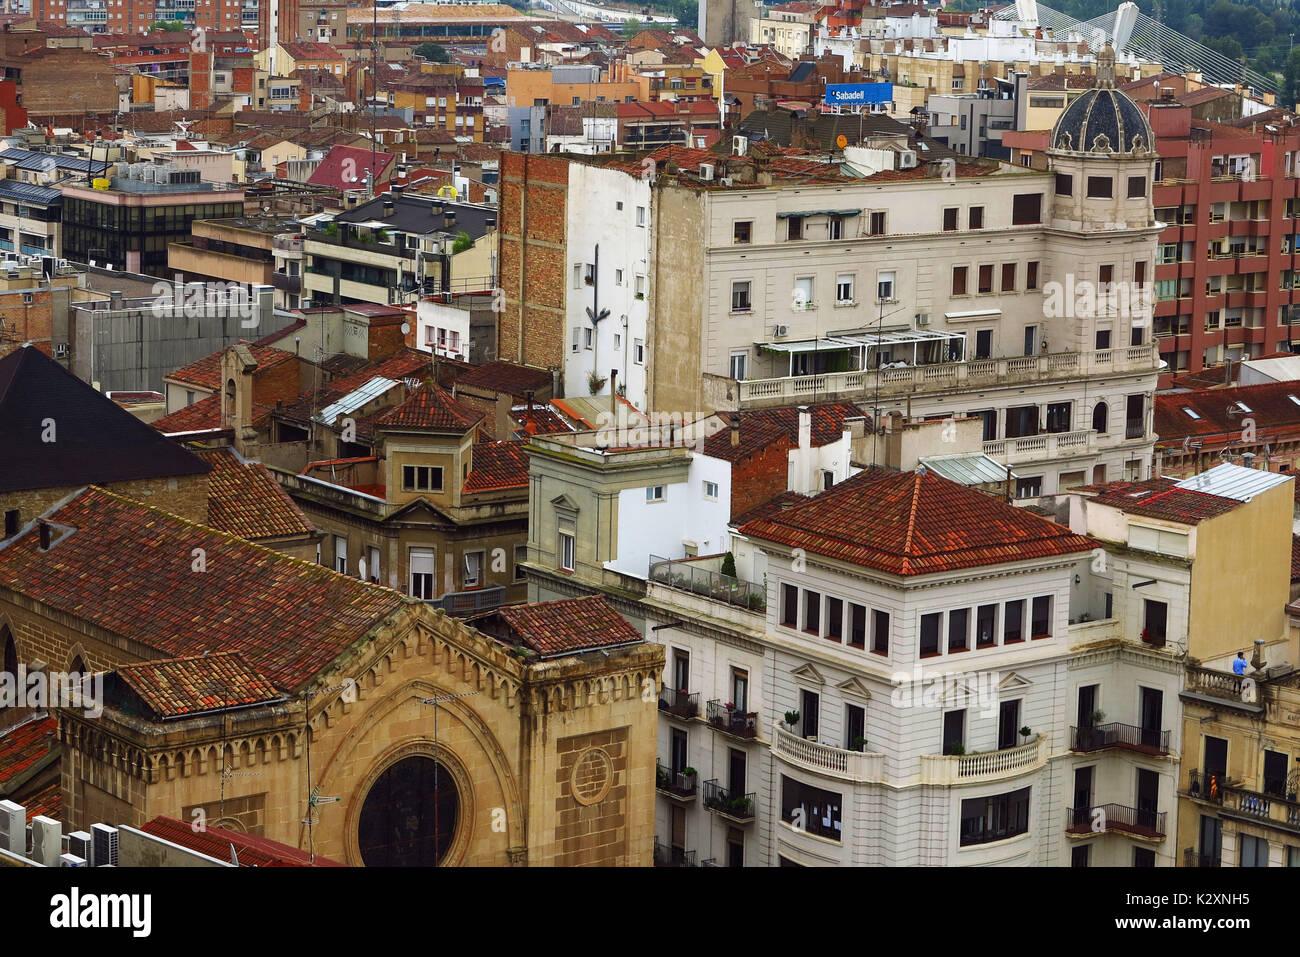 Lleida, Lerida, Spanien, Katalonien, Altstadt, spanisch - Stock Image